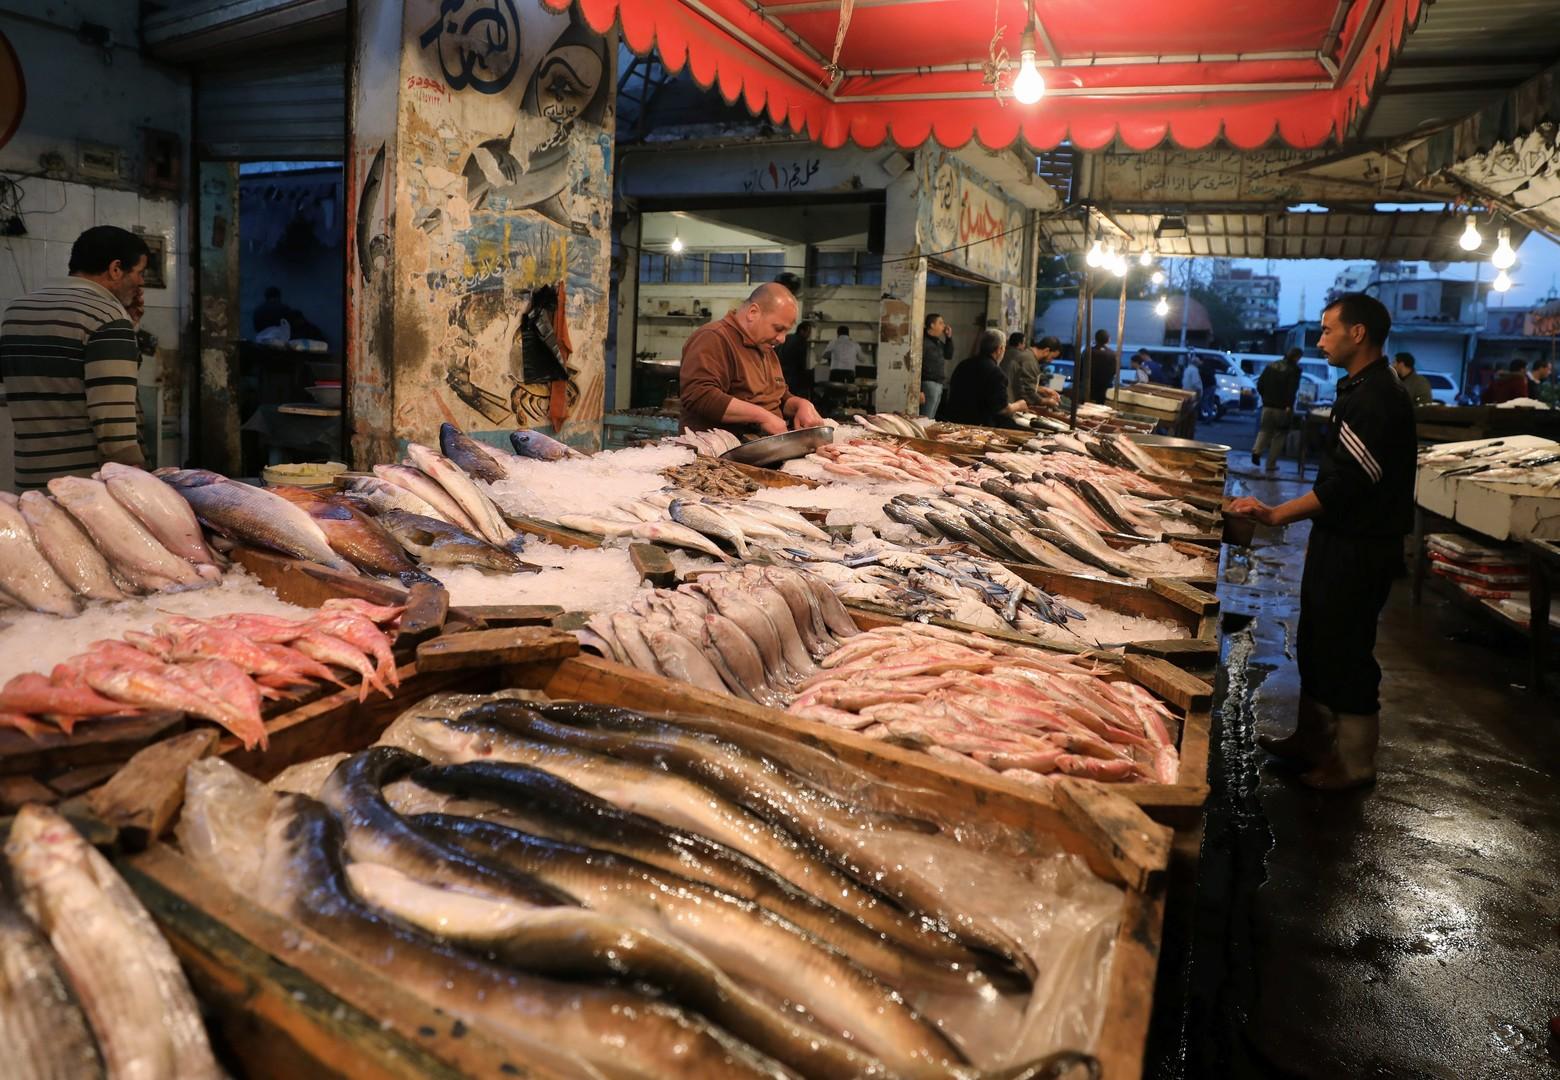 الزراعة المصرية: قريبا طرح أسماك بأسعار منخفضة في الأسواق (صور)